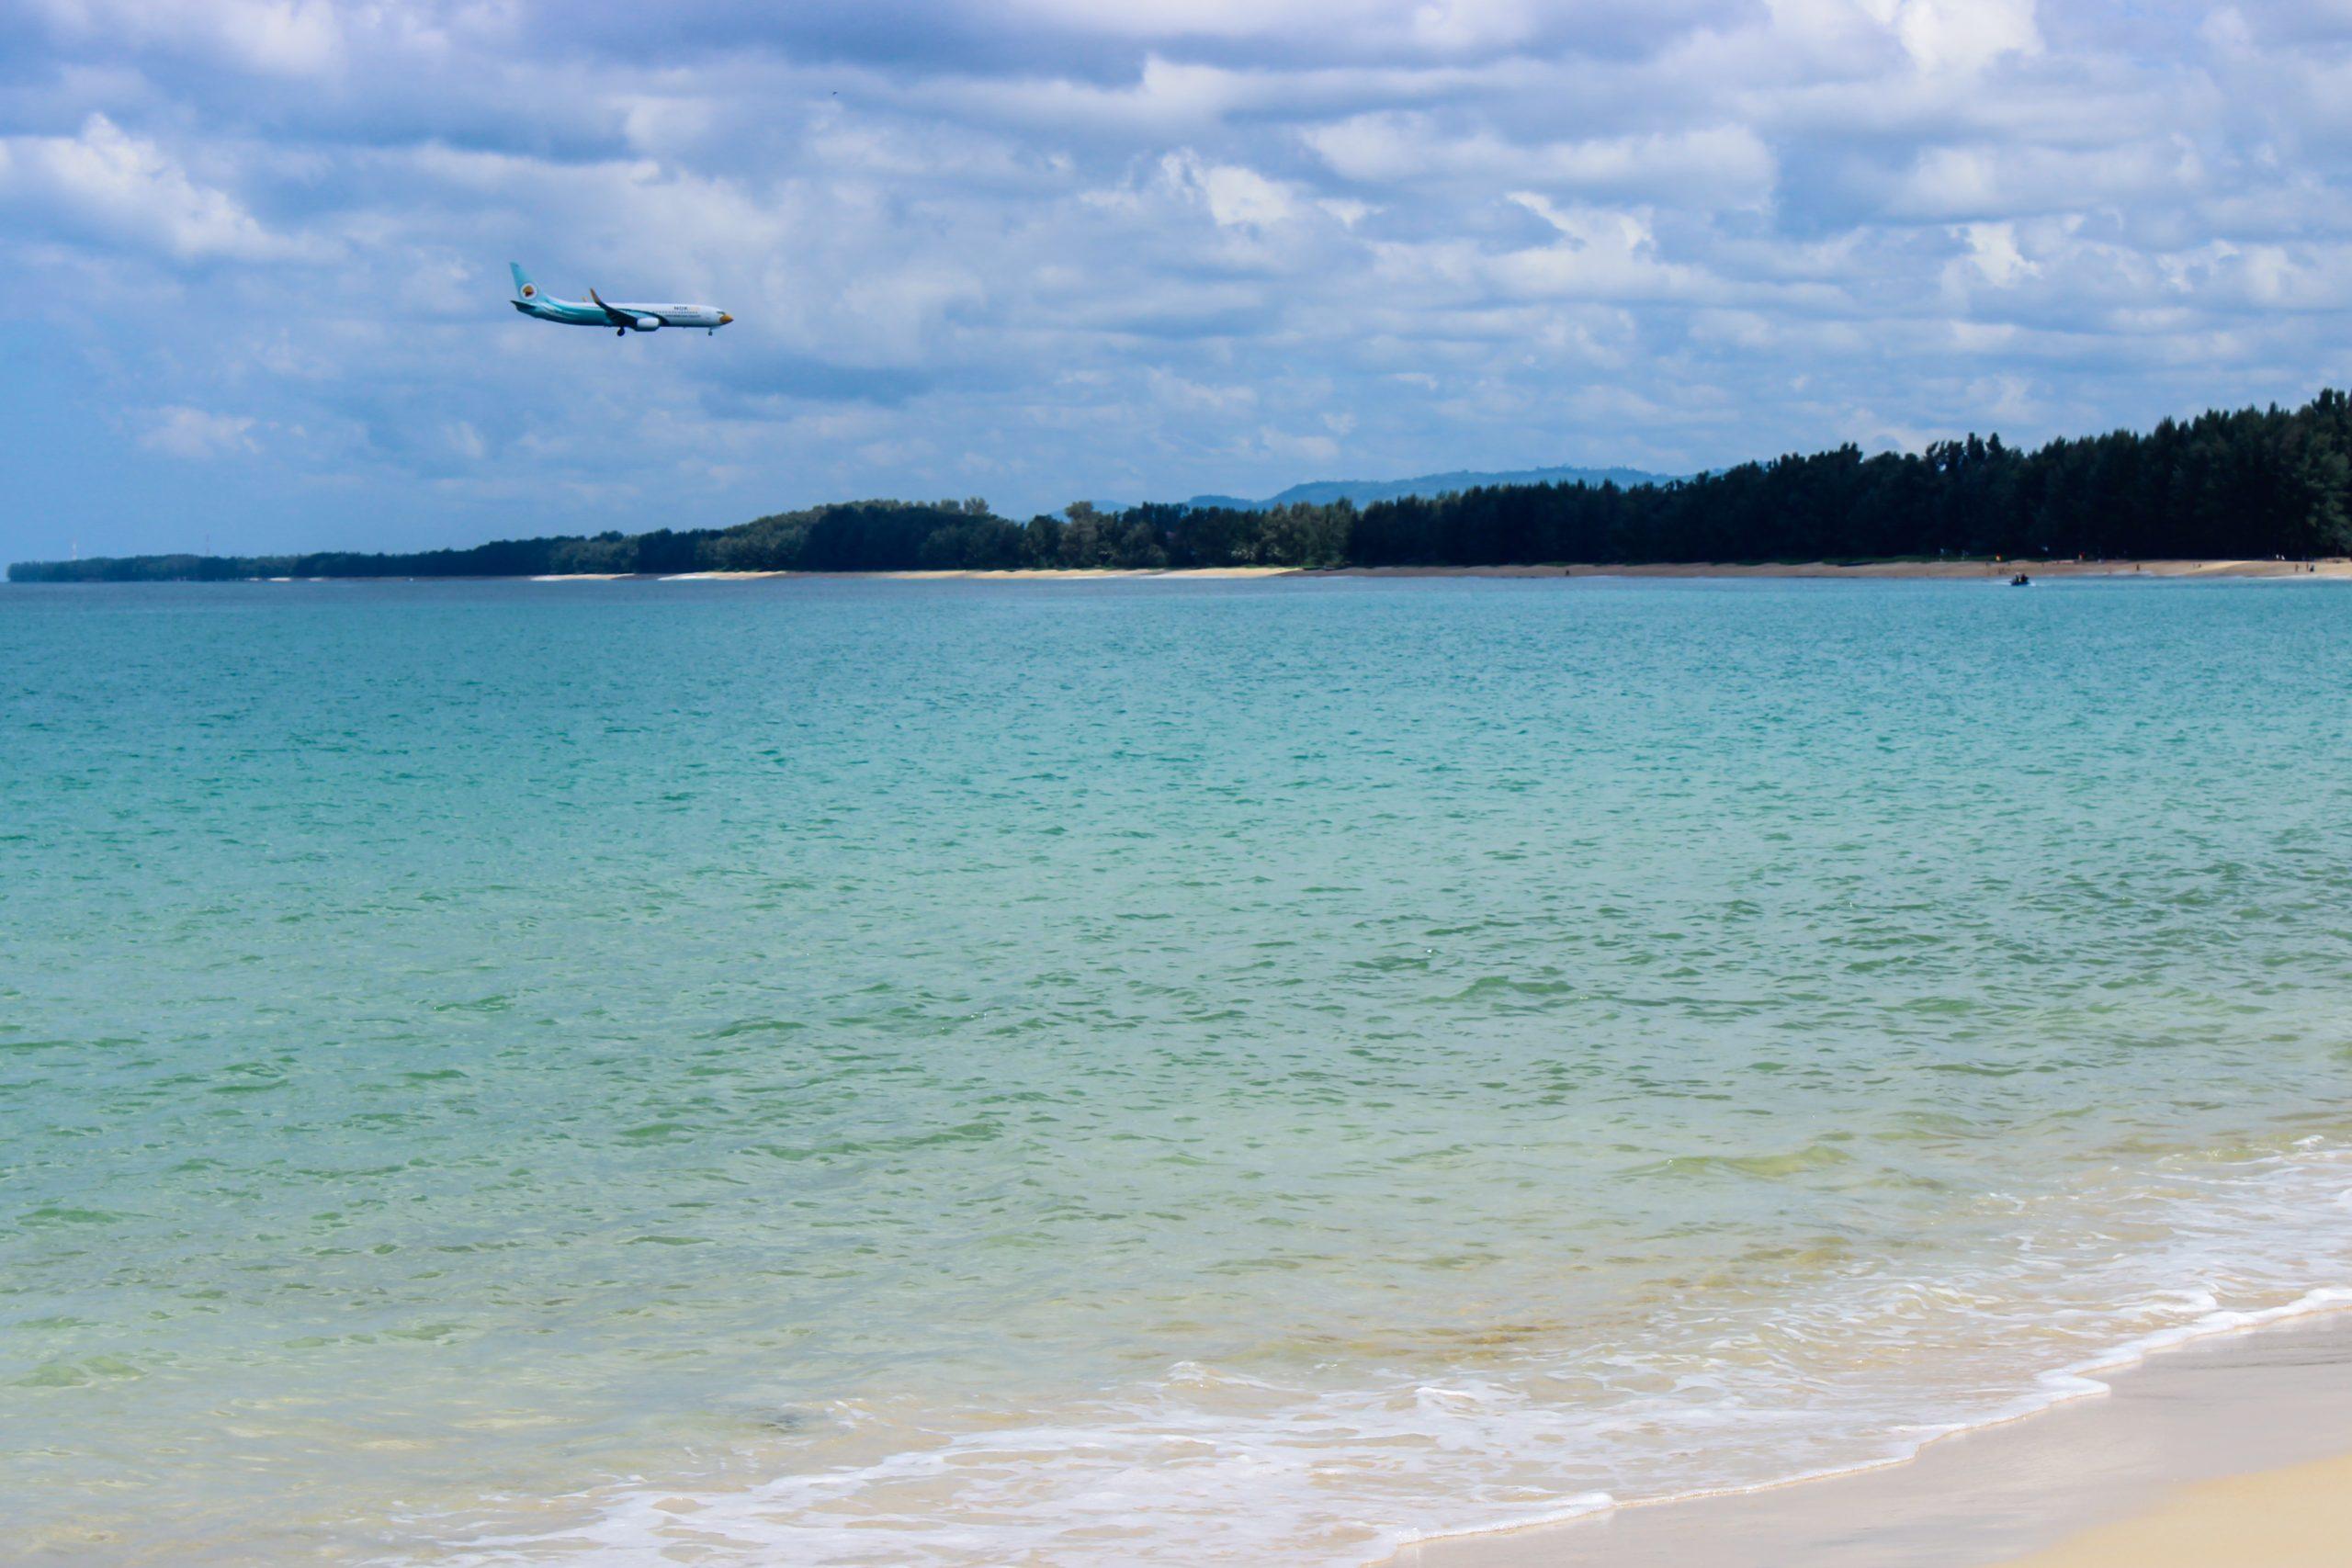 Plane Crossing Ocean